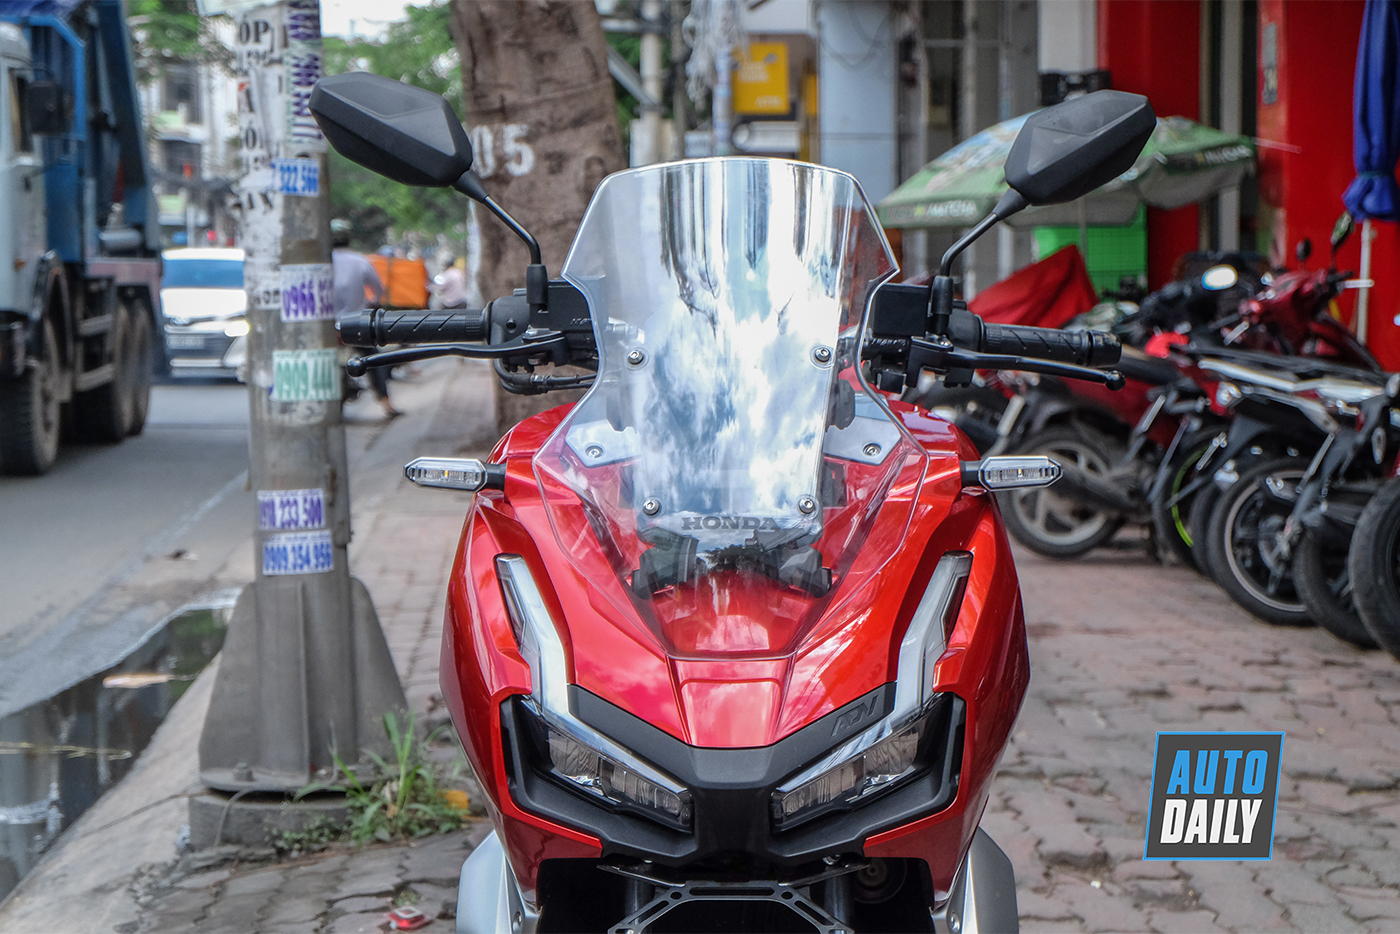 honda-adv-150-2019-7.jpg